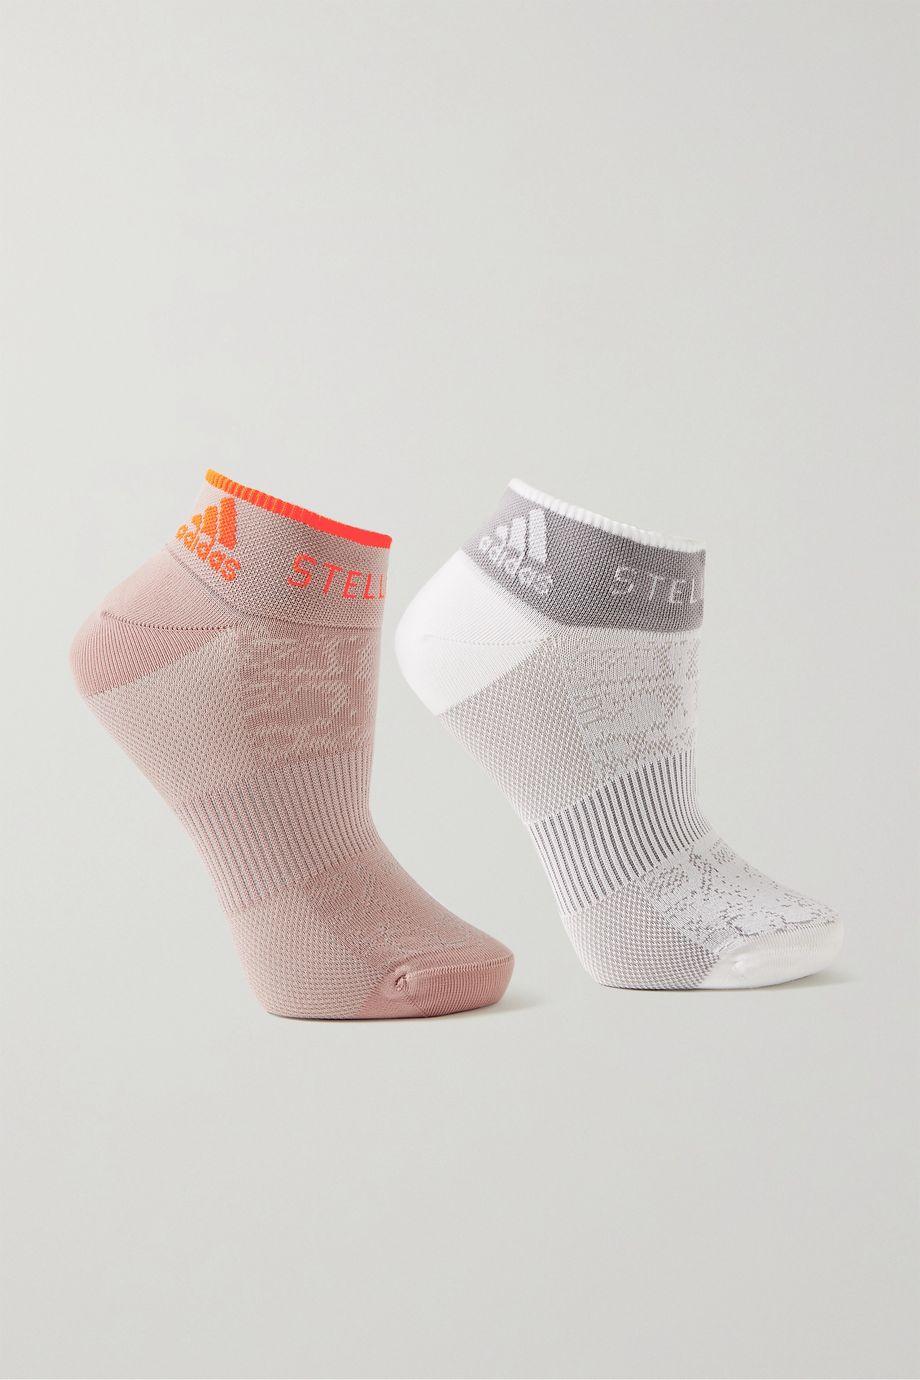 adidas by Stella McCartney 提花针织短袜(两双装)